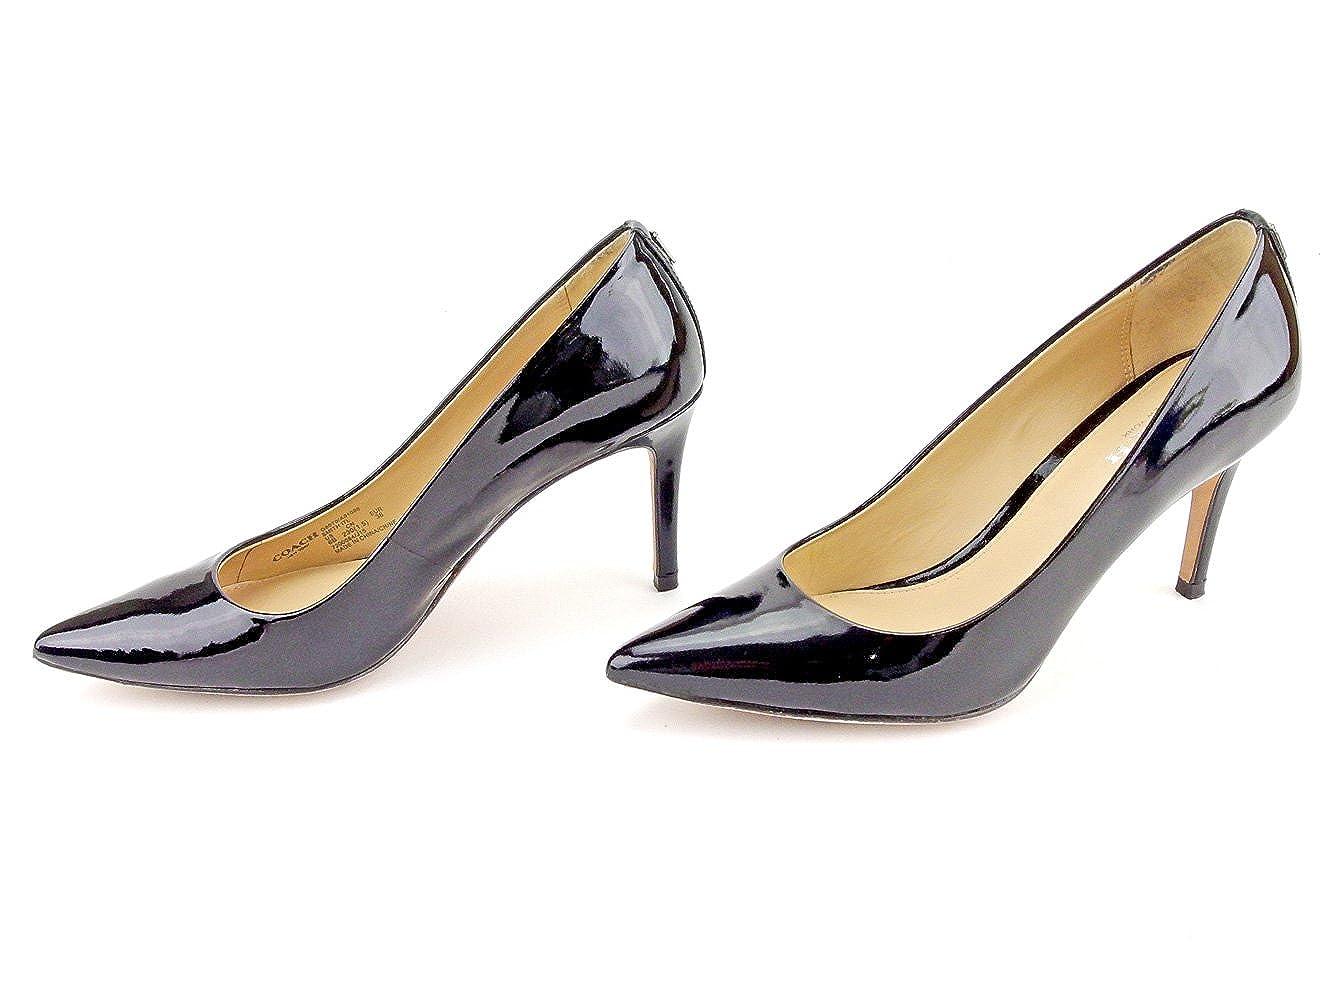 f32731c741fd Amazon | [コーチ] パンプス シューズ 靴 ブラック シルバー ♯36 ハイヒール ポインテッドトゥ レディース 中古 T5243 |  パンプス